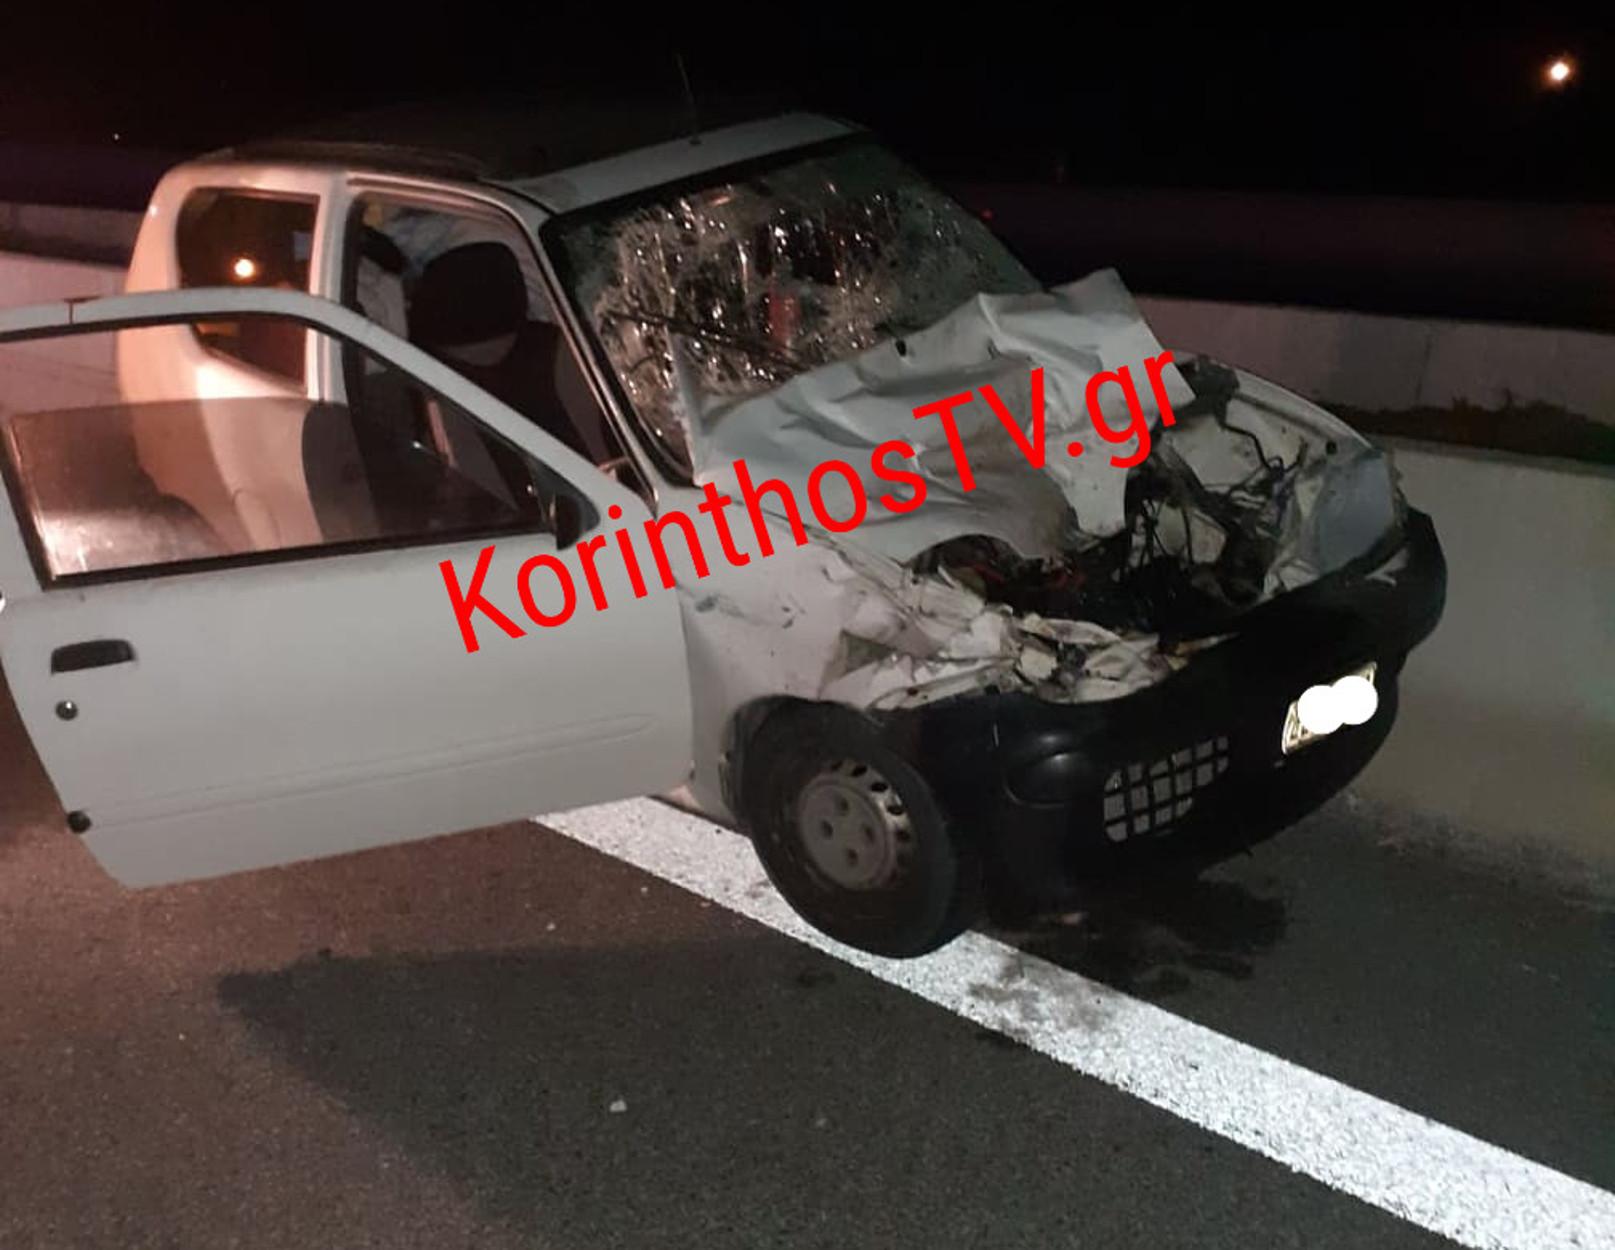 Ξυλόκαστρο: Αυτοκίνητο «καρφώθηκε» σε νταλίκα στην Πατρών – Κορίνθου